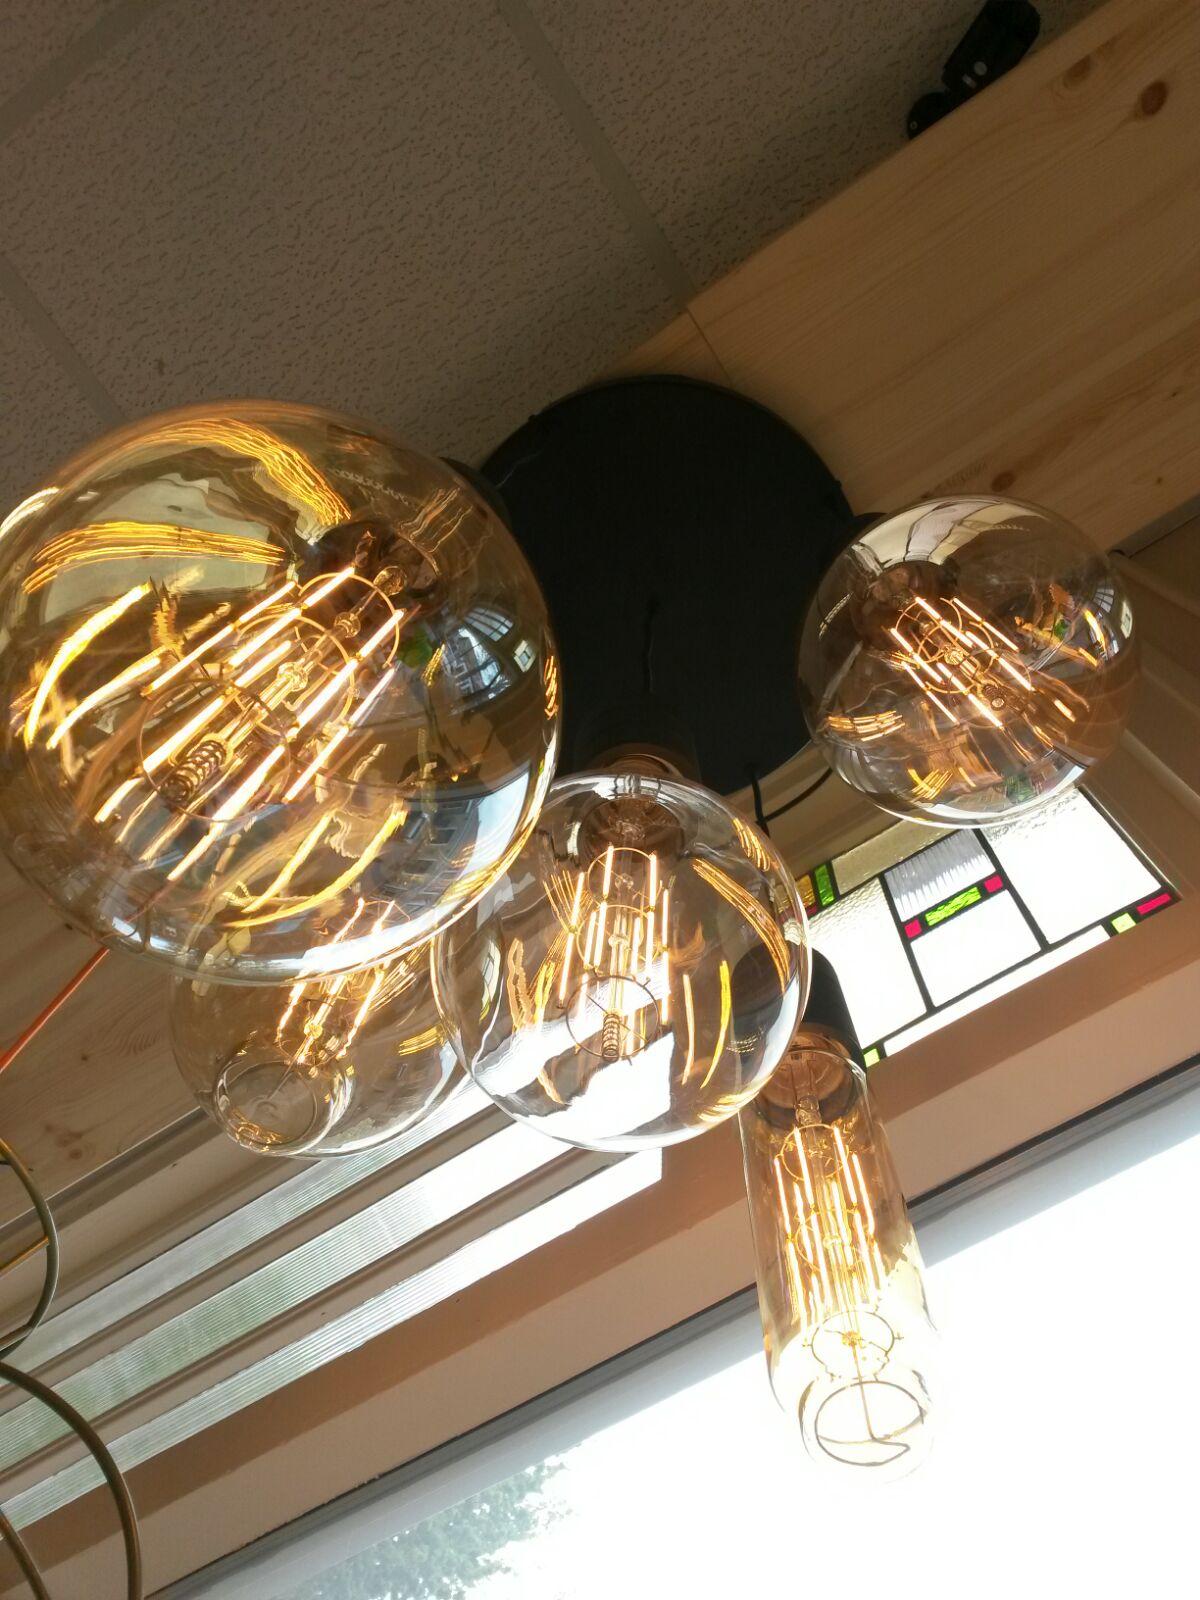 Lamp Lampen duurzaam verlichting Terschelling duurzaamheid West techniek kabel telefoon busch jaeger dimmer armatuur LED Ledlampen Ovenlampen Ledstrips TL Led-TL Armaturen Vloerlampen Tafellampen Wandlampen Plafondlampen Nachtlampjes Nachtlamp Spotjes Onderbouwverlichting Bouwlampen Schriklichten Zaklampen Looplampen Verlichting Drivers Voorschakelapparaten Starters Snoeren Snoer tafeldozen tafeldoos Aansluitsnoer Lampje schakelaar Splitter Verlengsnoeren Batterijen batterij Varta duracel Calex Schakelmateriaal Klik aan klik uit Busch-Jaeger Reflex SI/SI Linear Busch-Jaeger Busch-Duro 2000® SI/SI Linear Busch-Jaeger ocean® GRIA Jung Installatiemateriaal Kroonsteentje Lasdop Inbouwdozen Installatiebuis kabel Telefoonbenodigdheden Laders Lader Kabels Powerbanks Powerbank Internetkabels UTP LAN kabel HDMI Optical VGA Scart COAX en SVHS Geluidskabel Telefoonkabel